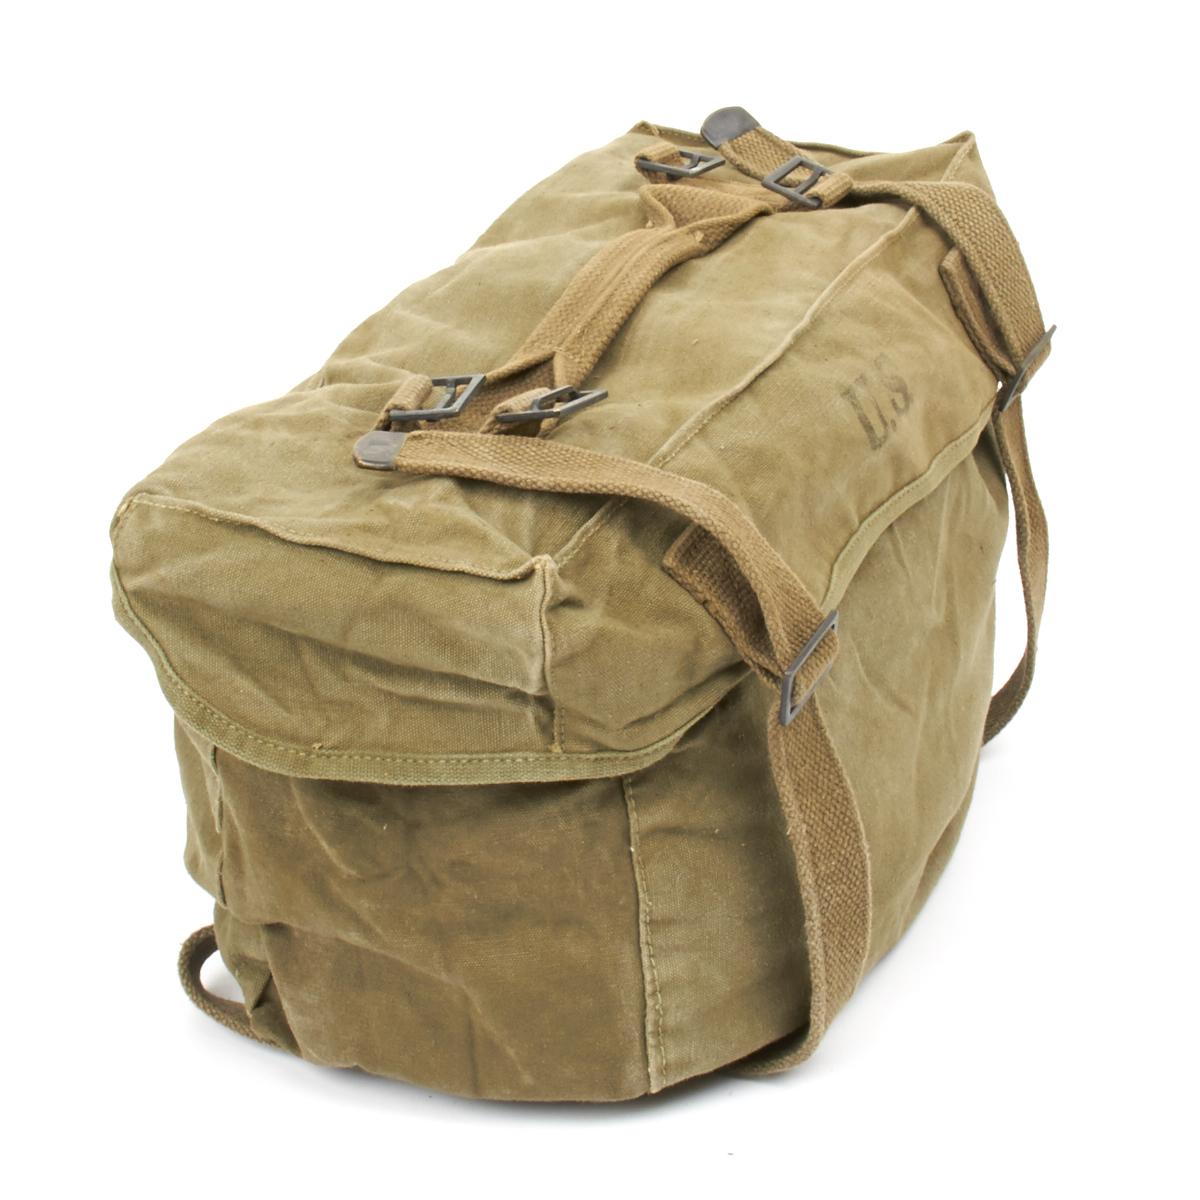 original u s wwii m 1945 cargo field pack lower bag. Black Bedroom Furniture Sets. Home Design Ideas